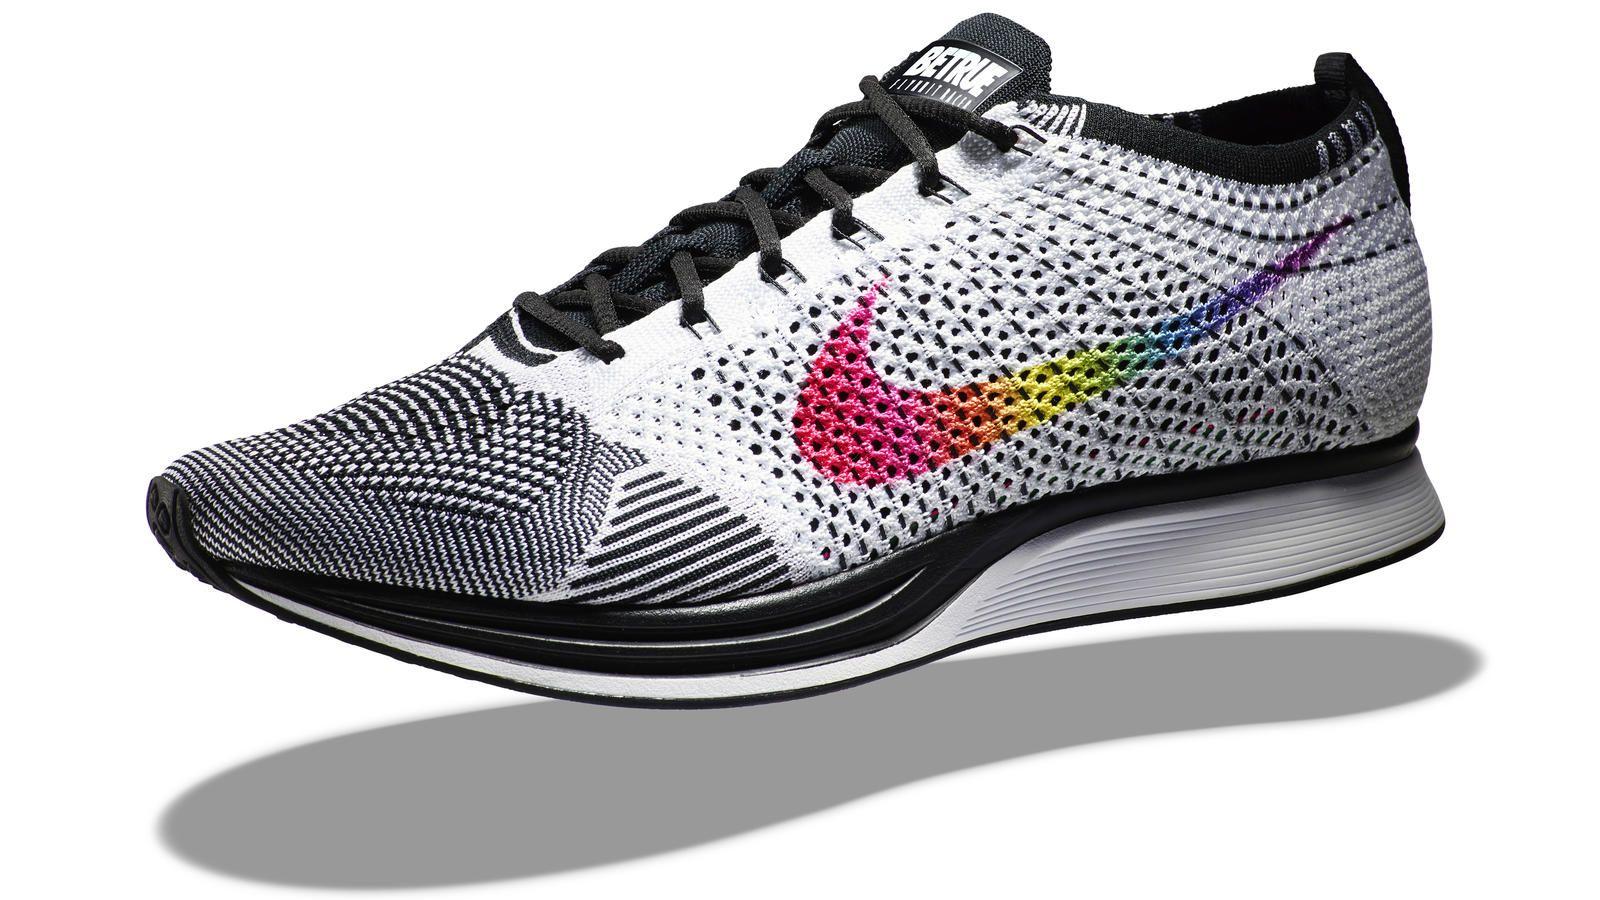 45173341adc2 Nike News - BETRUE 2017